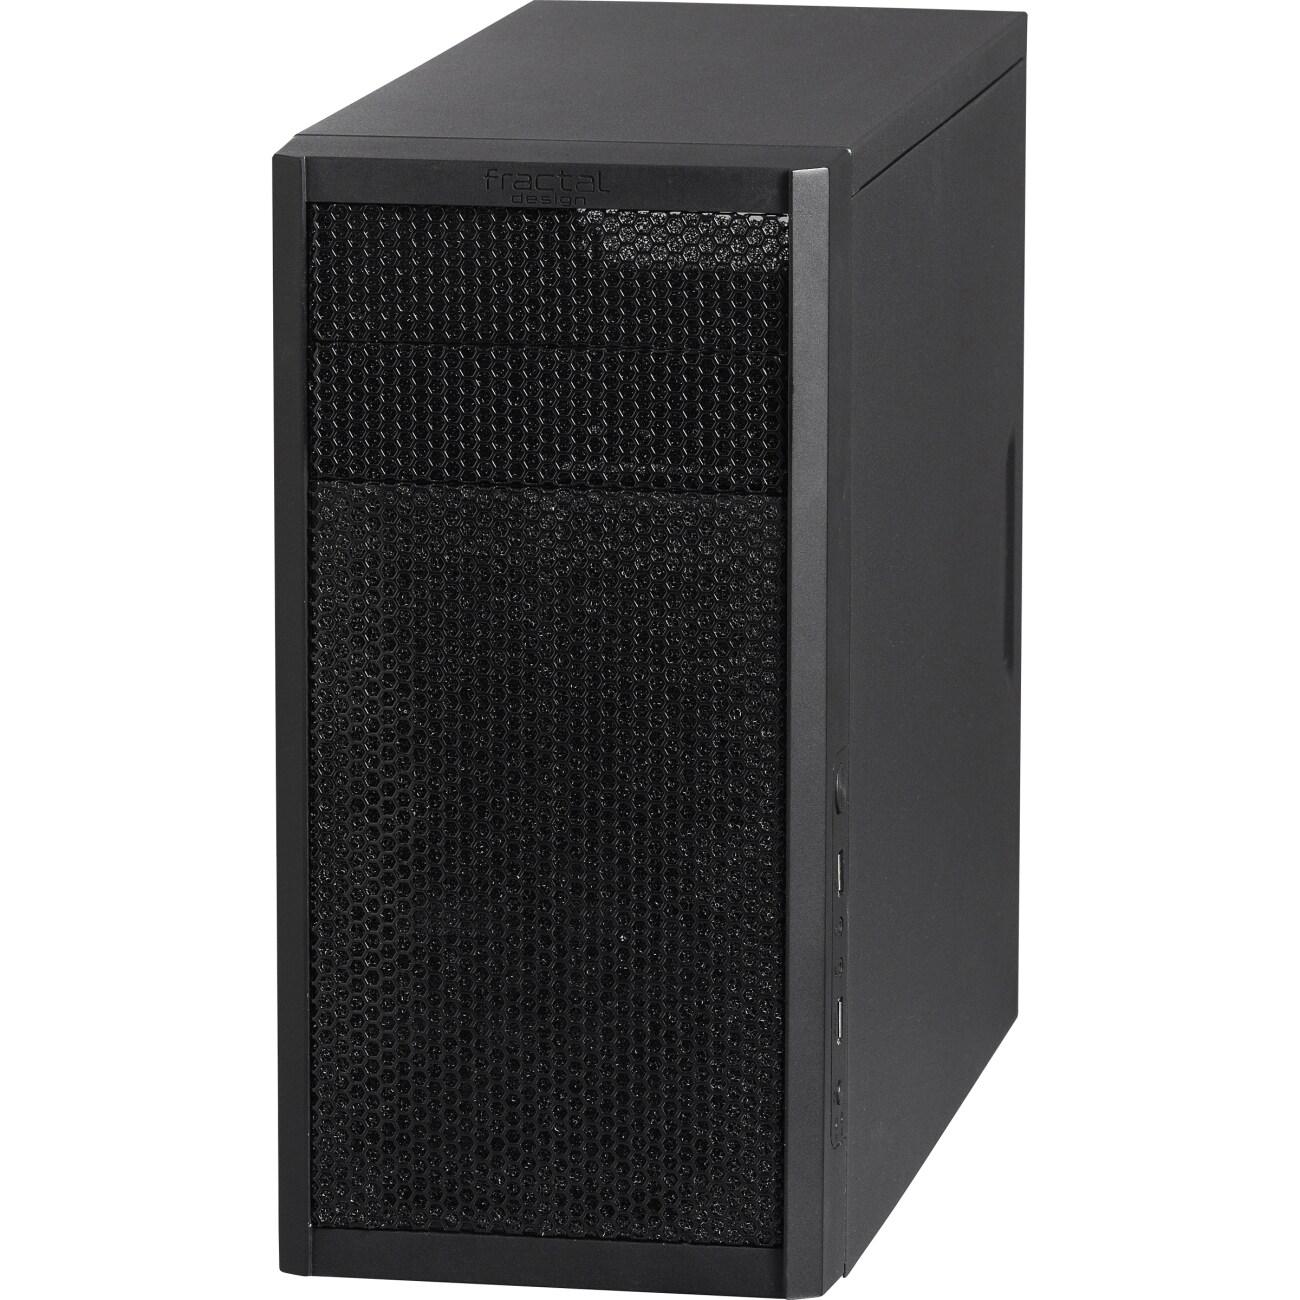 Fractal Design Core 1000 USB 3.0, Black #FD-CA-CORE-1000-BL